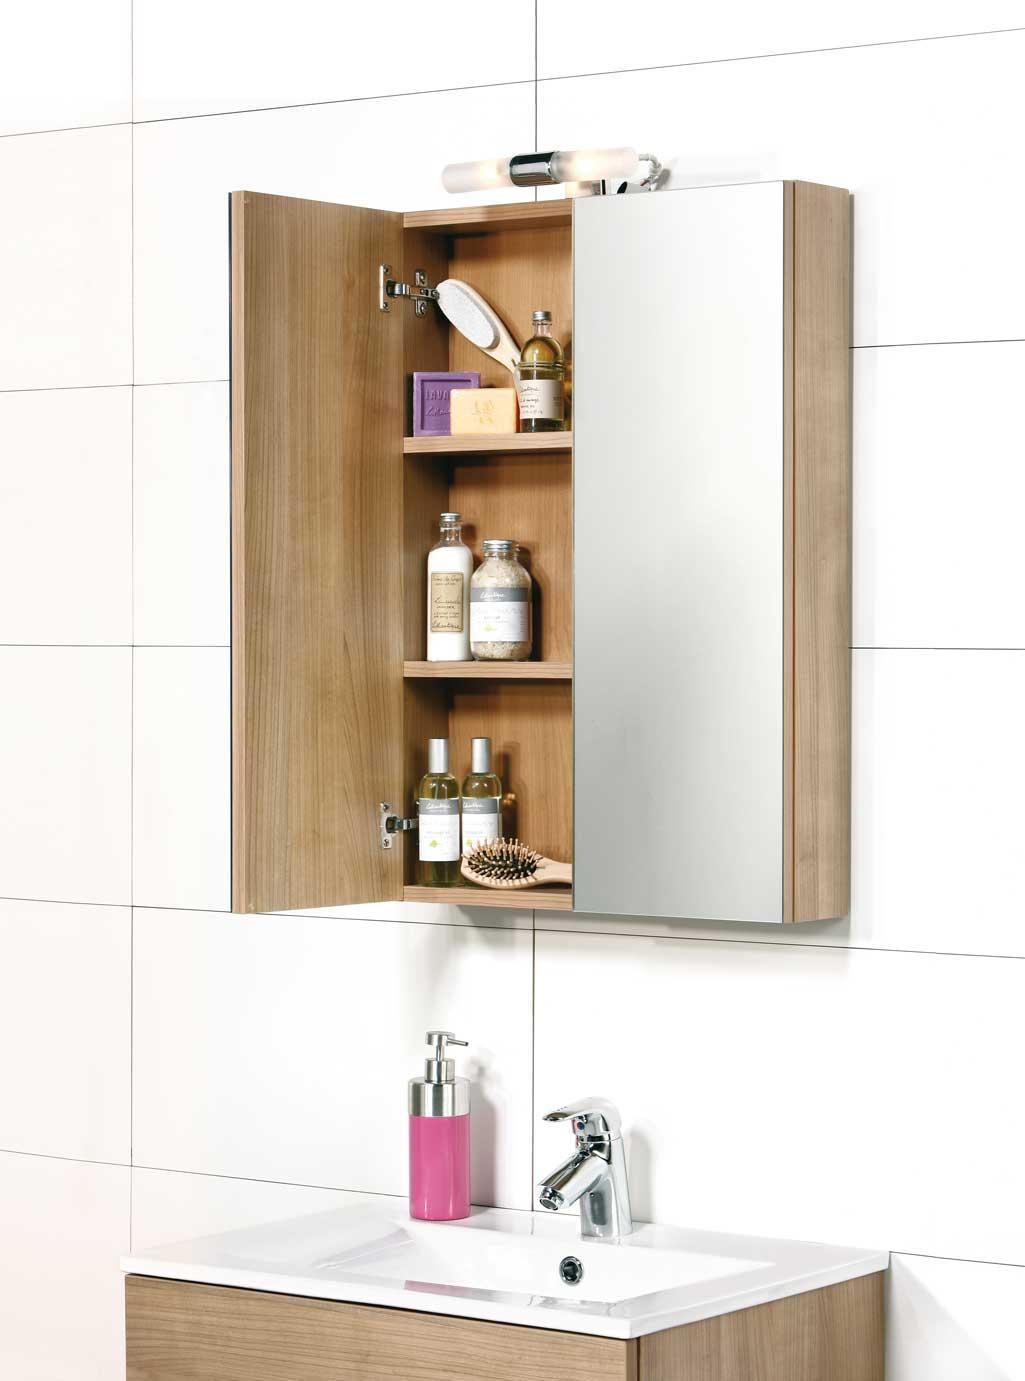 Espejo Camerino en baño. Está abierto y se aprecian los objetos que hay dentro.